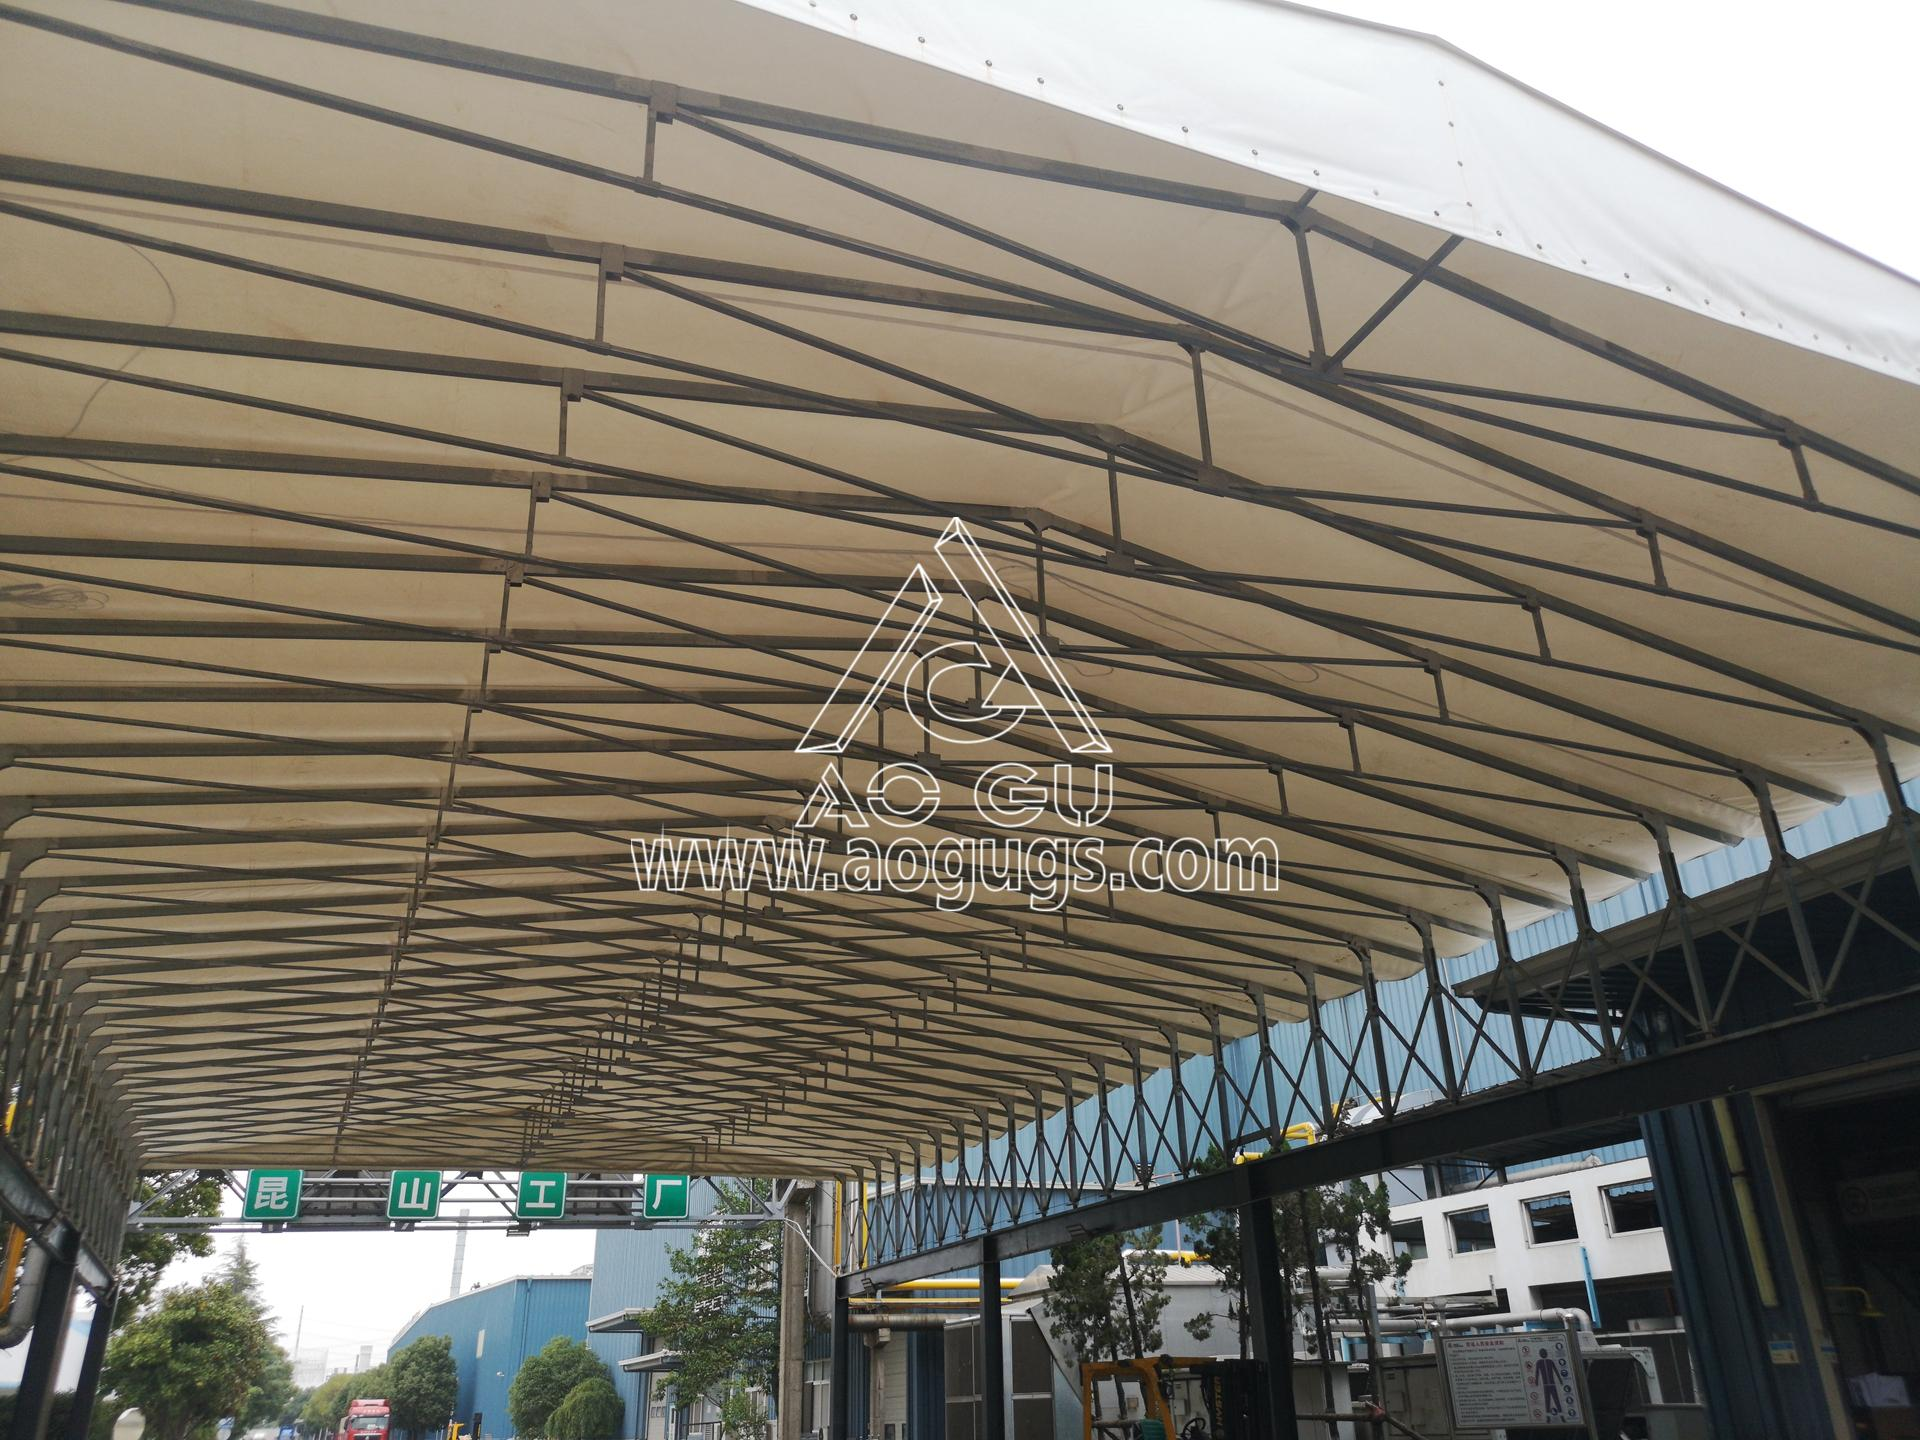 装货区 卸货区伸缩开合式篷房 艾利中国昆山公司 产品演示图4